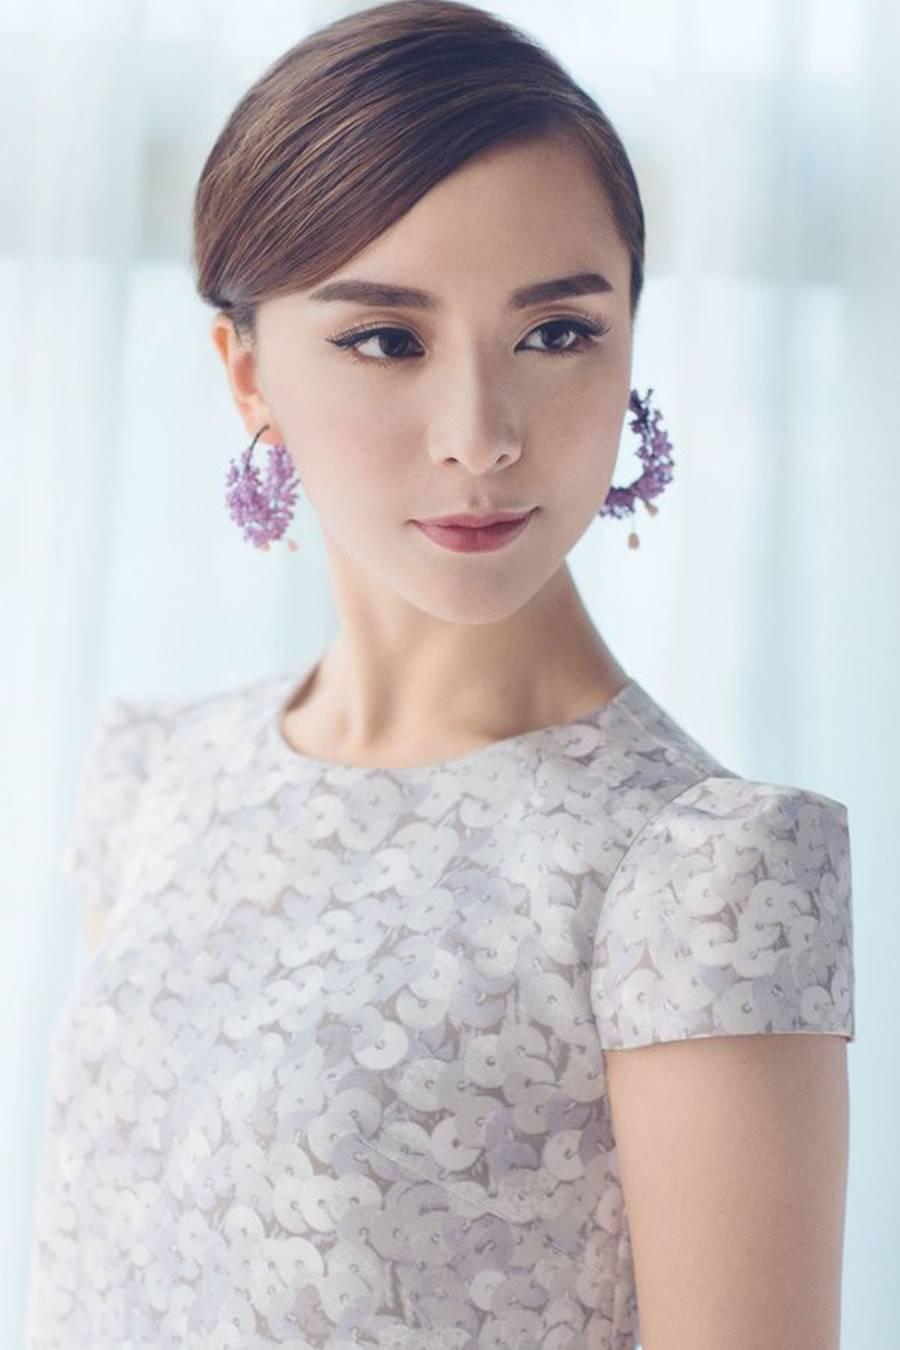 Á hậu Hoàn Vũ Việt Nam 2008 Dương Trương Thiên Lý bất ngờ bị bố chồng tố cáo âm mưu chiếm đoạt tài sản nghìn tỷ-8